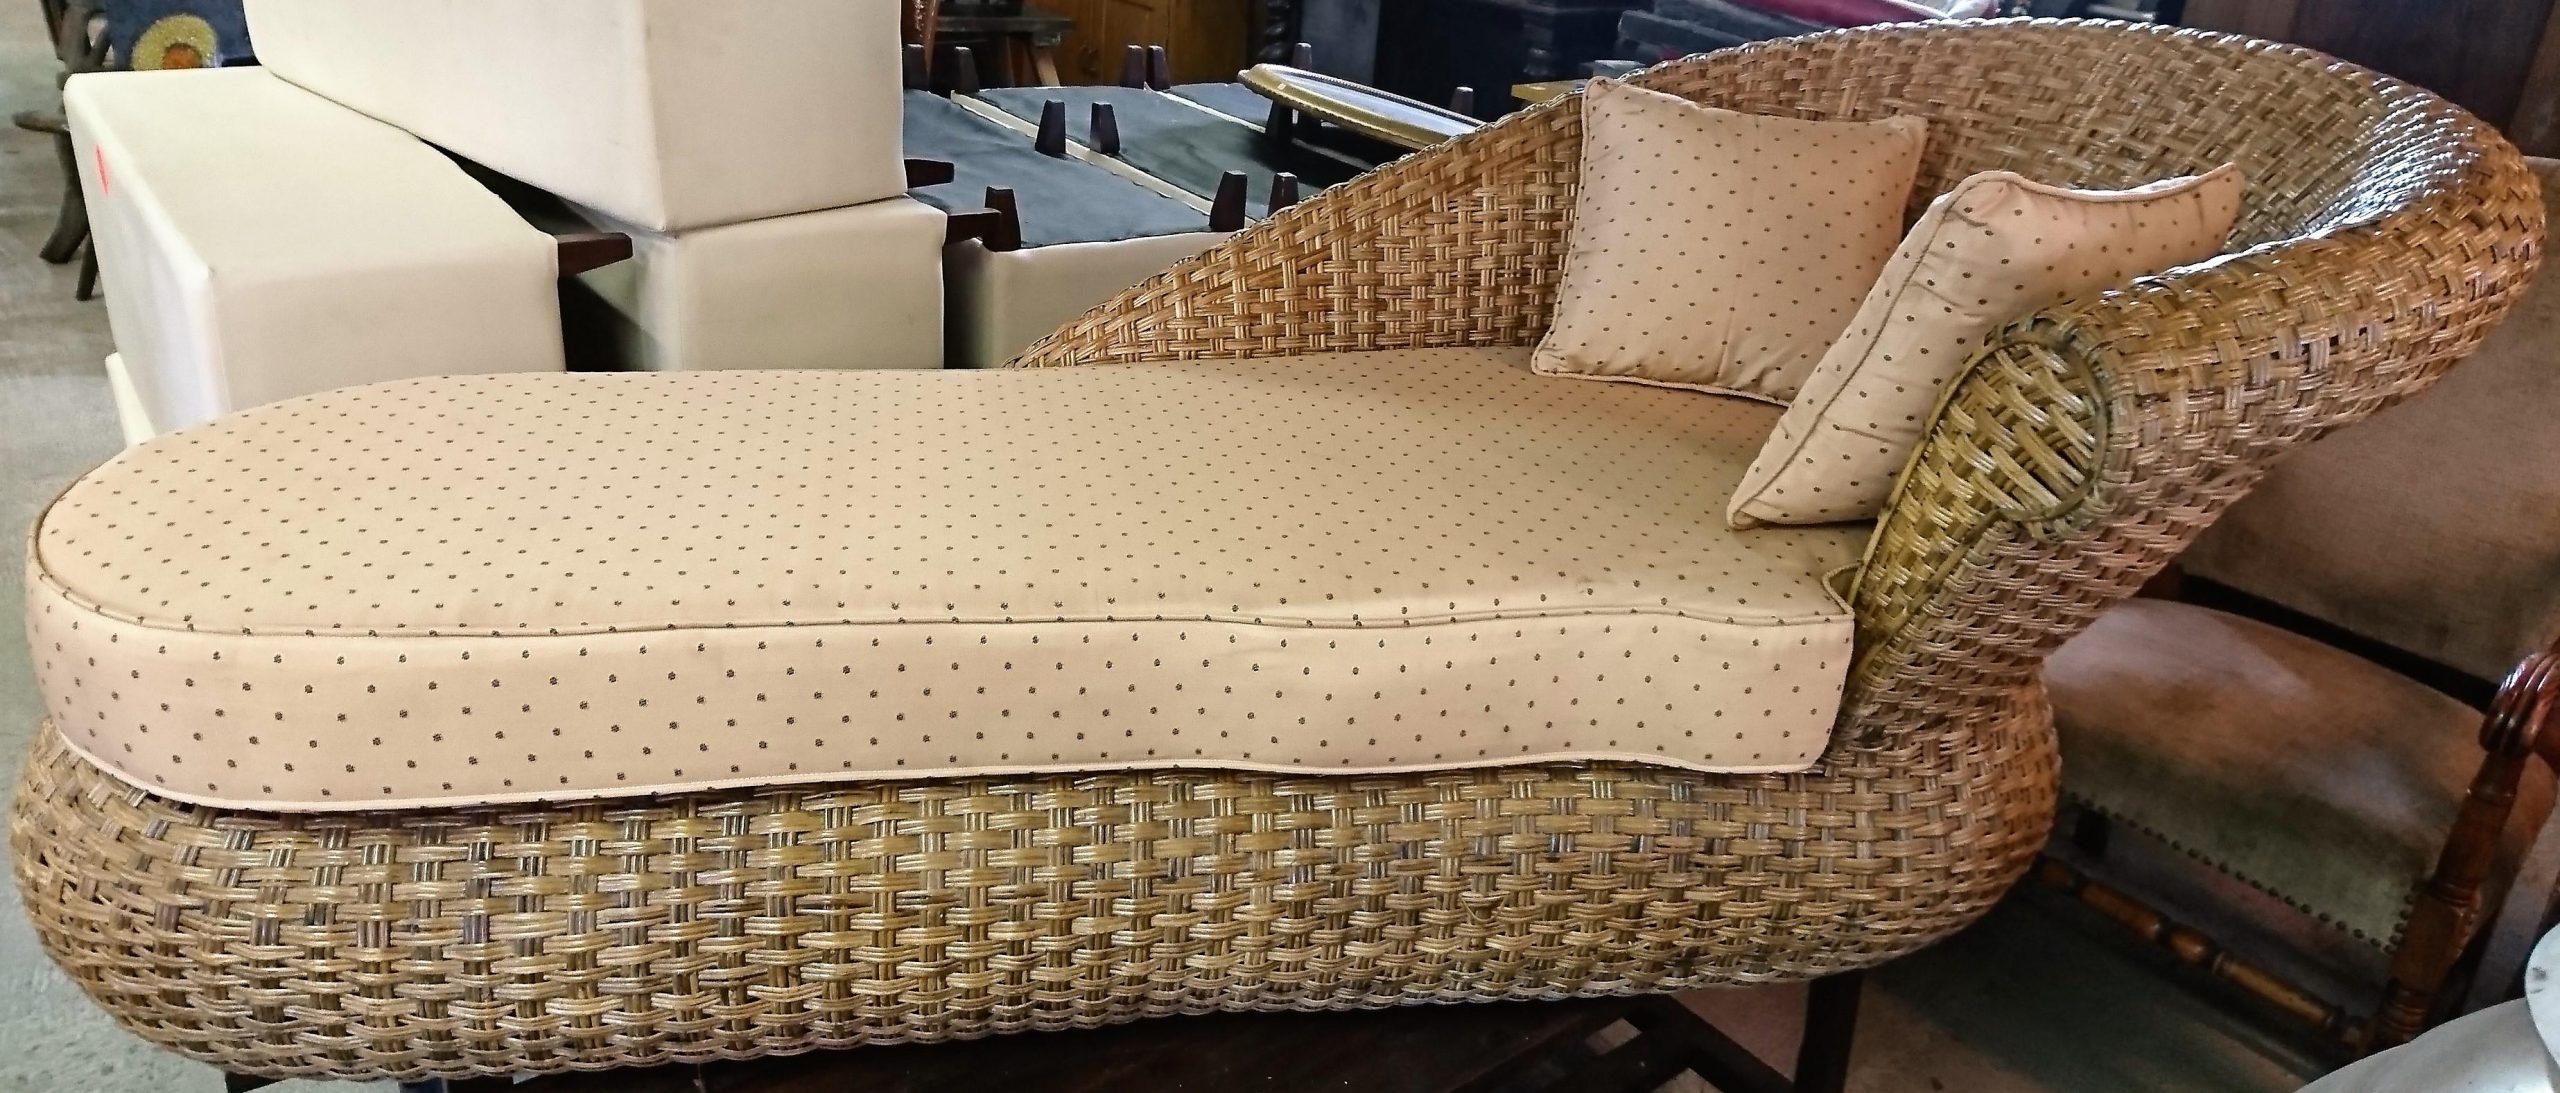 Full Size of Rattan Sofa Grey Cushions Corner Indoor Garden Furniture Table And Chairs With Storage Historische Bauelemente Jetzt Online Bestellen Big Xxl Ewald Schillig Sofa Rattan Sofa